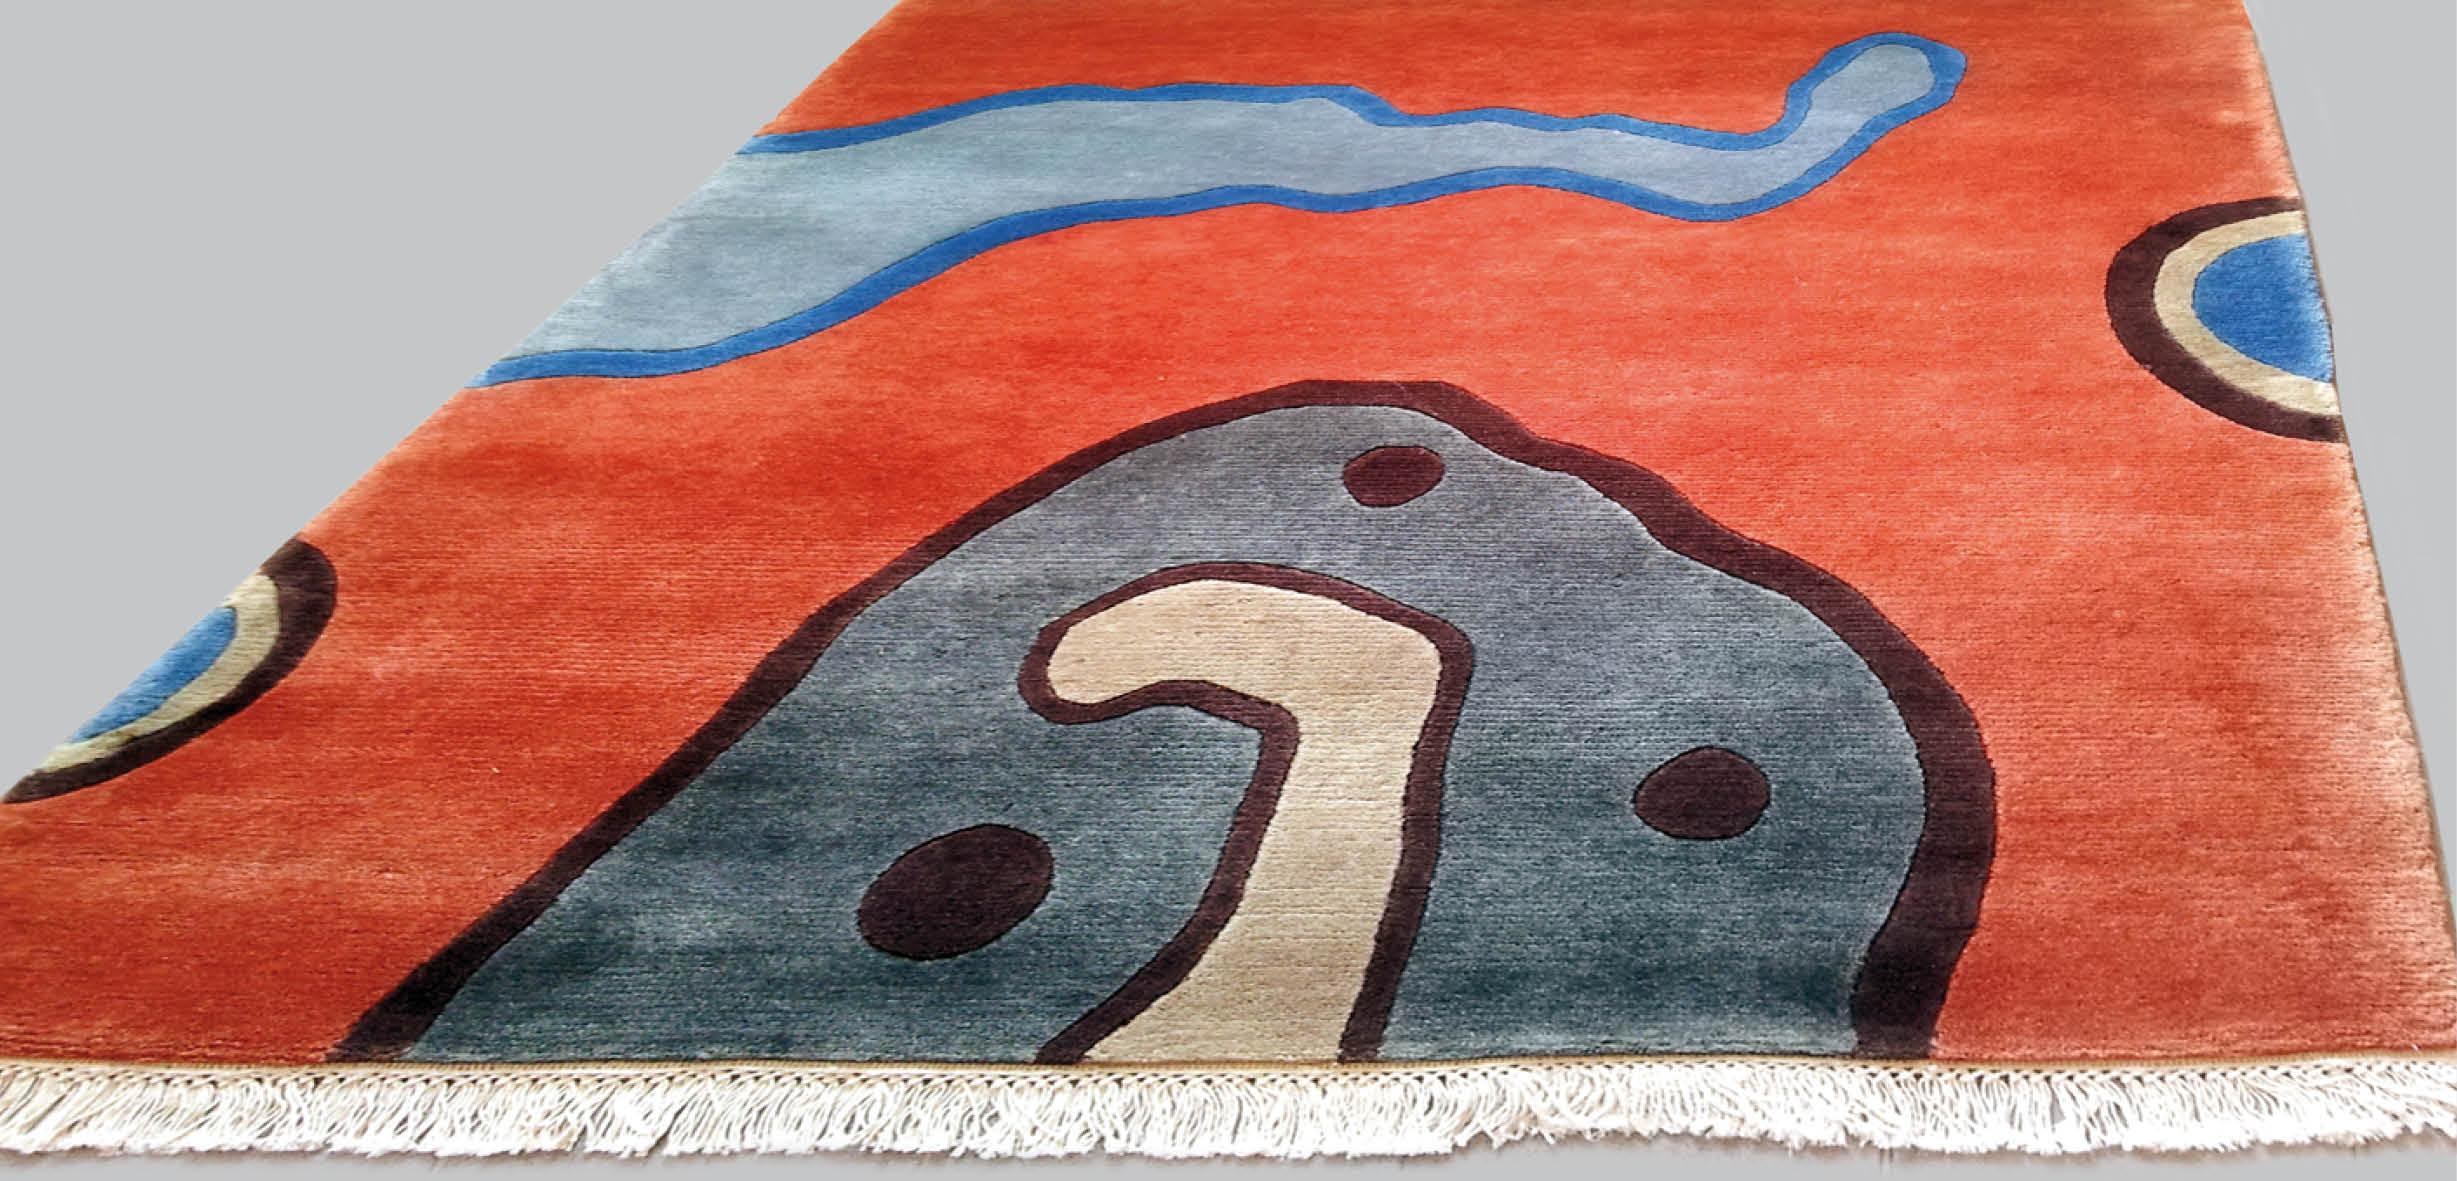 Den handgeknüpften Teppich 'Universe' gibt es in 3 Größen: 125 x 150, 170 x 200, 220 x 260